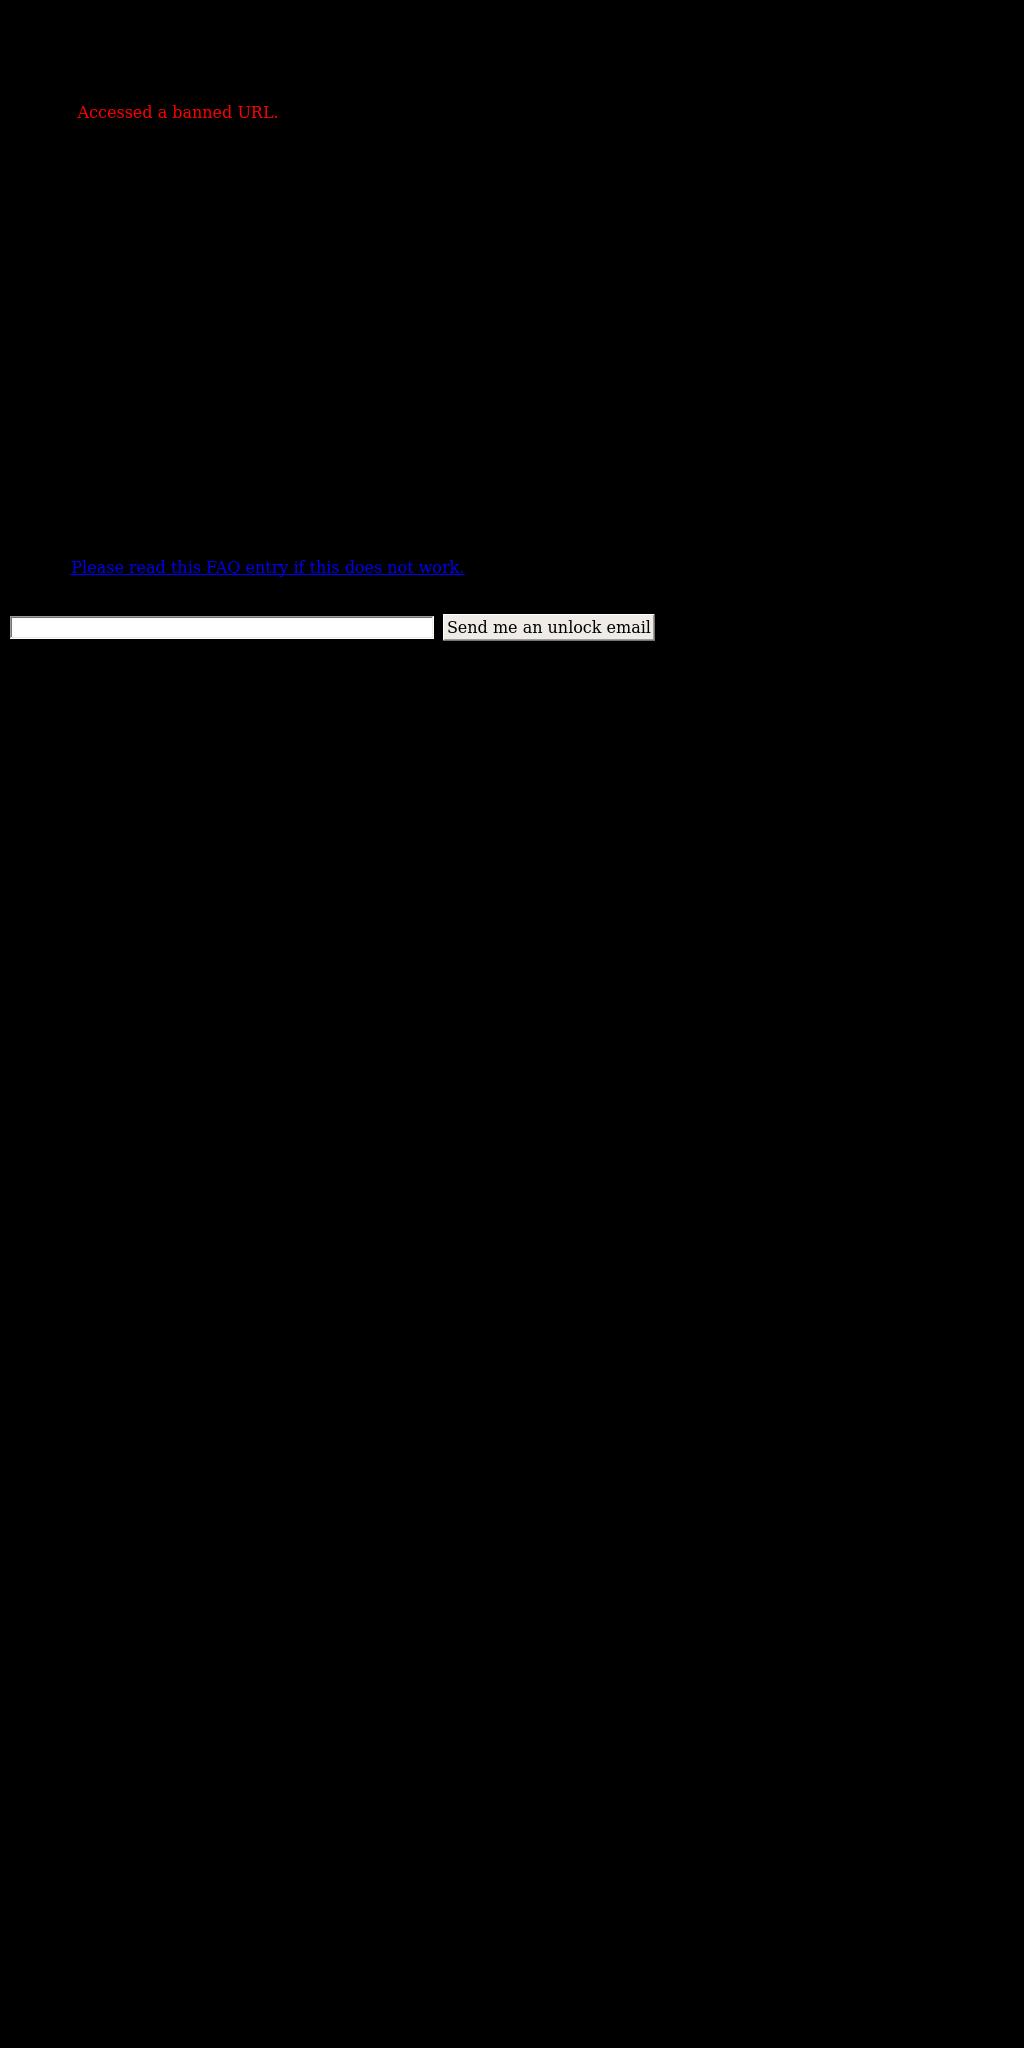 Screenshot from Seattle Queen Anne integration